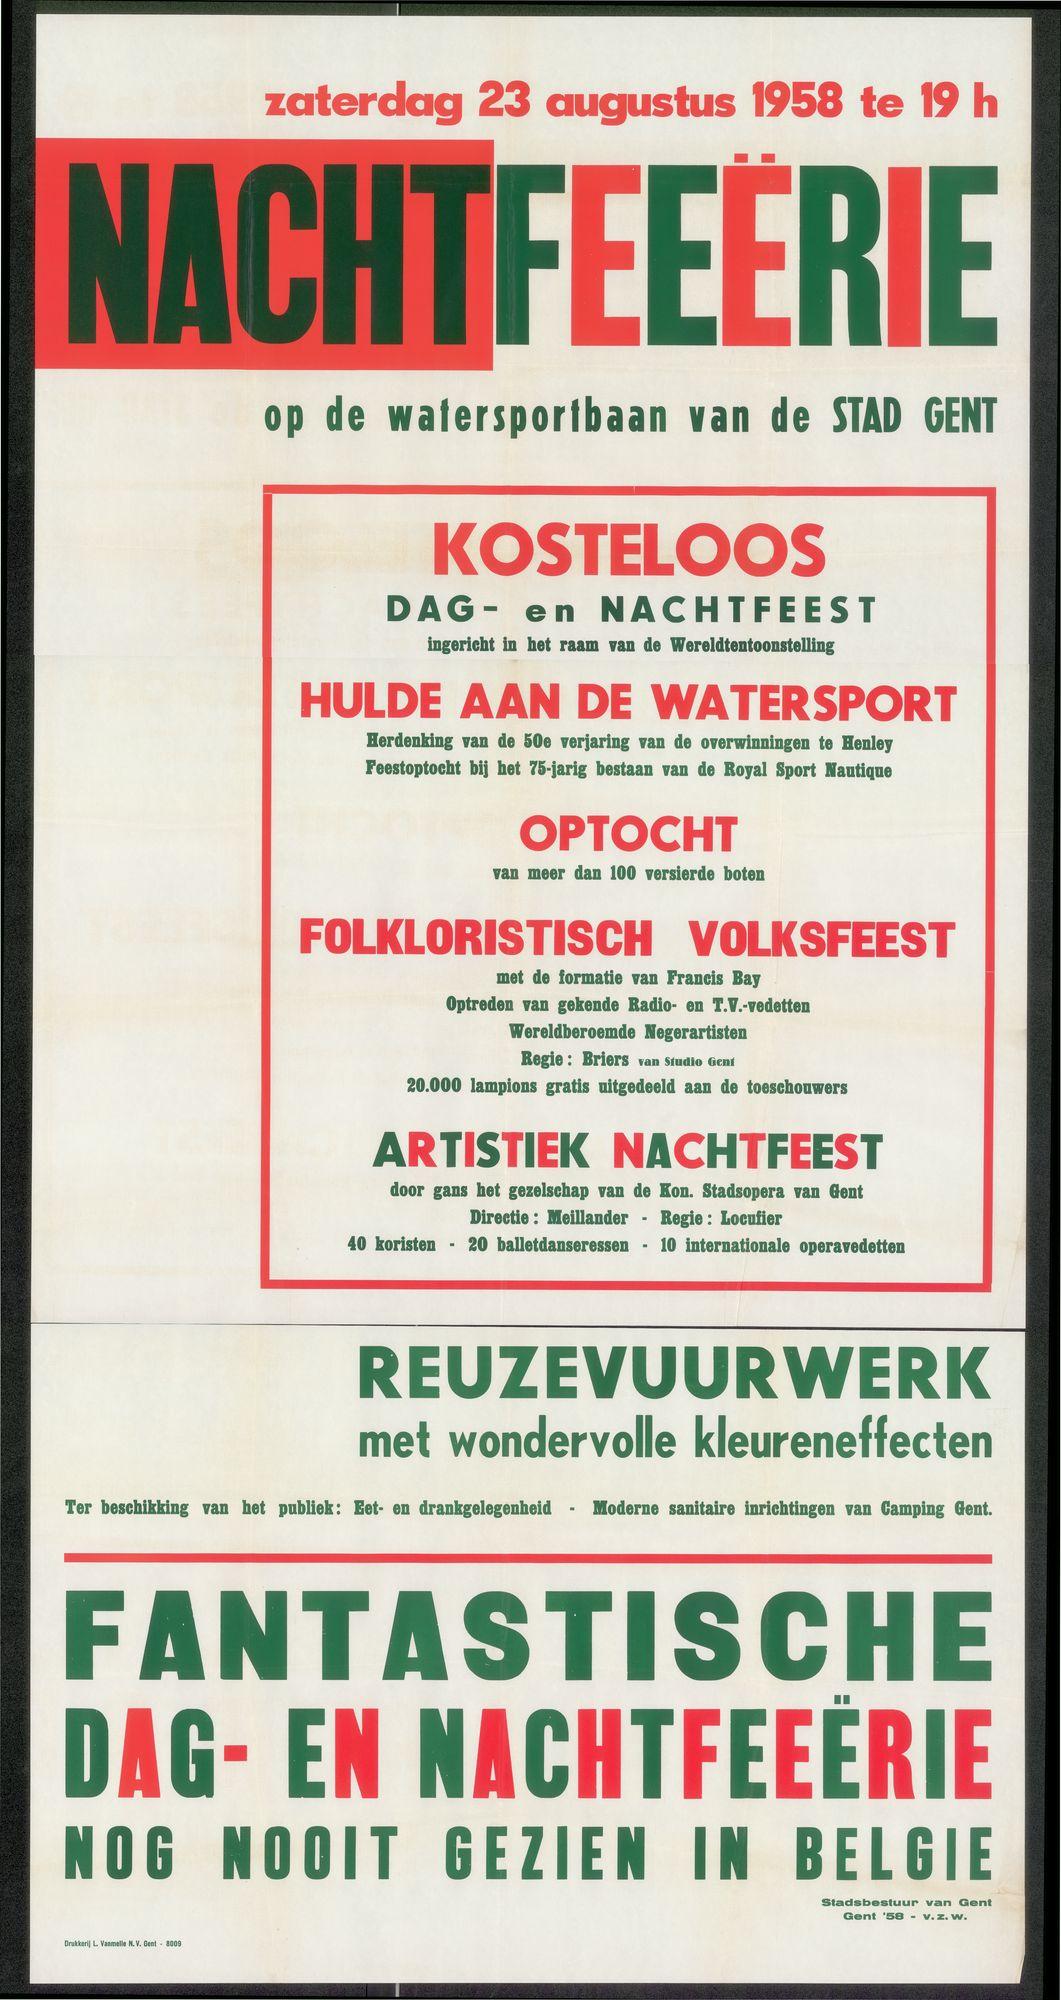 Nachtfeeërie op de Watersportbaan van de Stad Gent, 23 augustus 1958